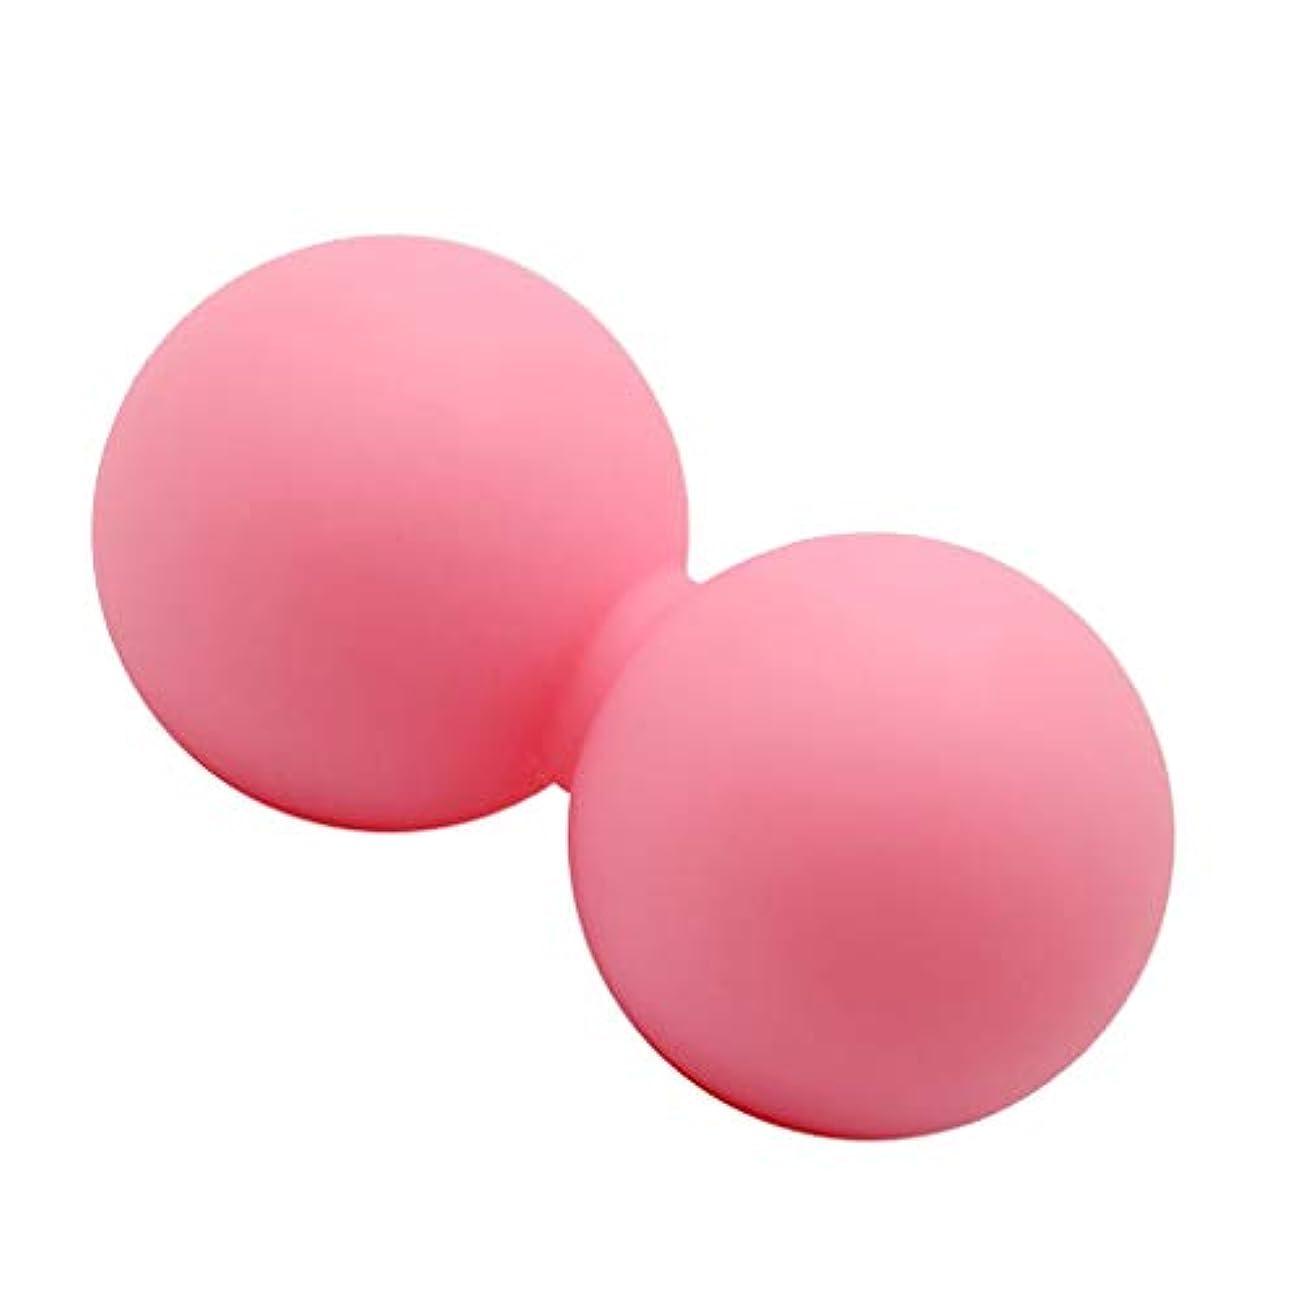 むさぼり食うつまらない花弁マッサージボール ピーナッツ シリコン 足 足首 腕 首 背中 ボディマッサージ ピンク